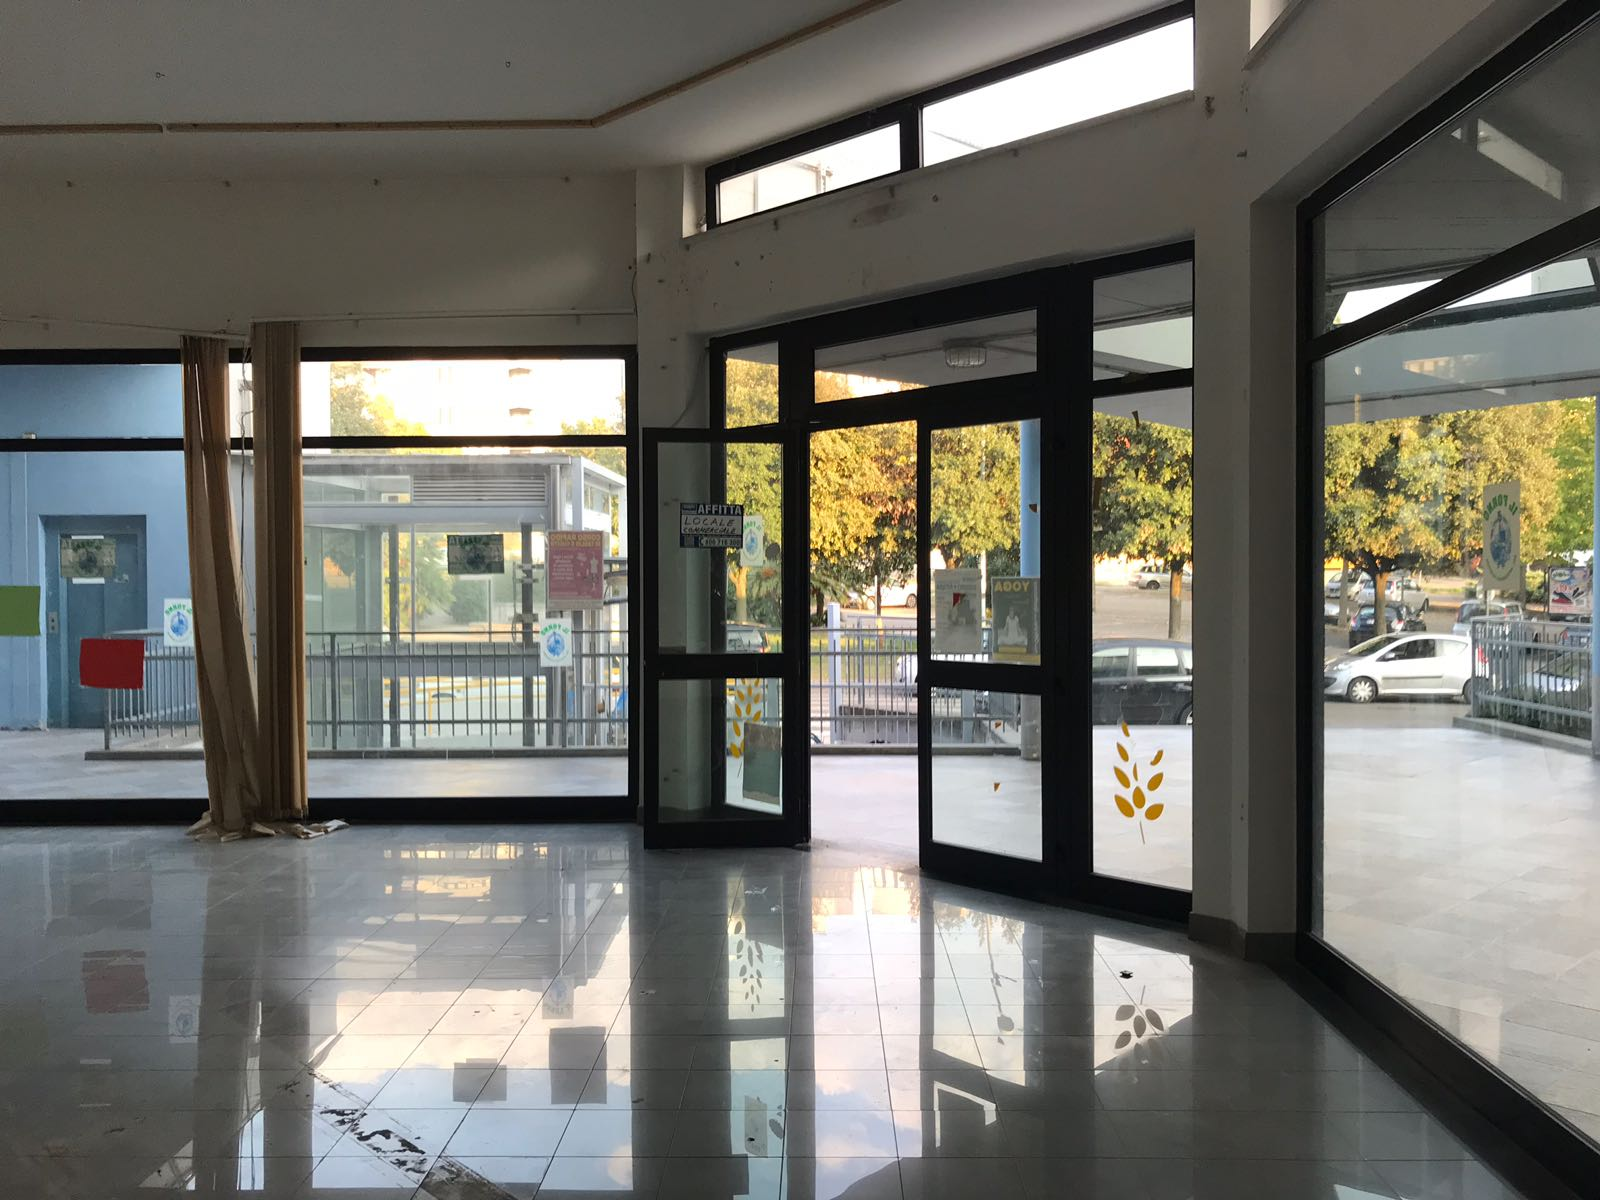 Negozio / Locale in affitto a Viterbo, 9999 locali, zona Località: S.aBarbara-Capretta, prezzo € 800   CambioCasa.it